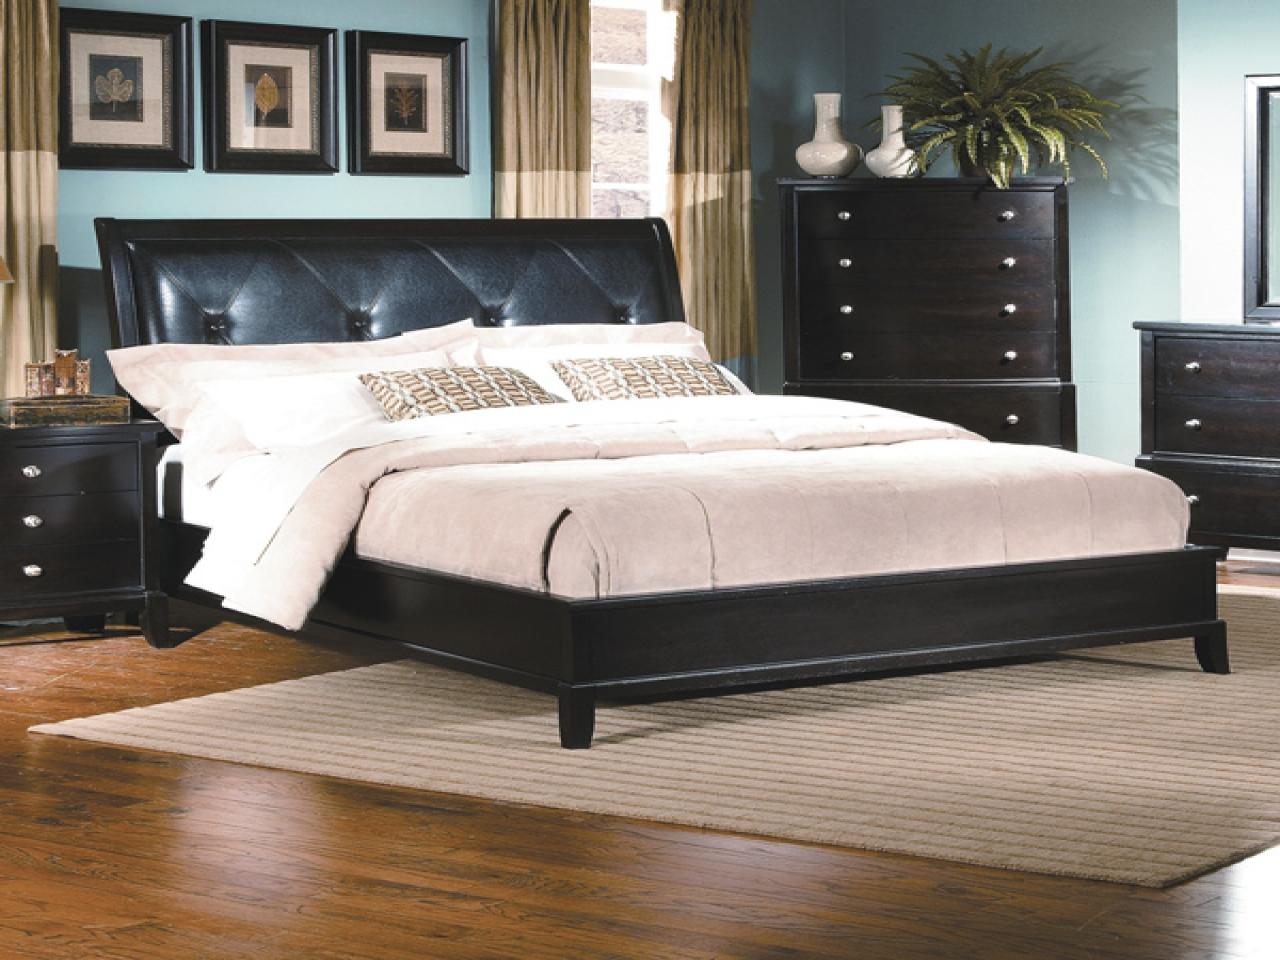 bedroom furniture sets restoration hardware photo - 8